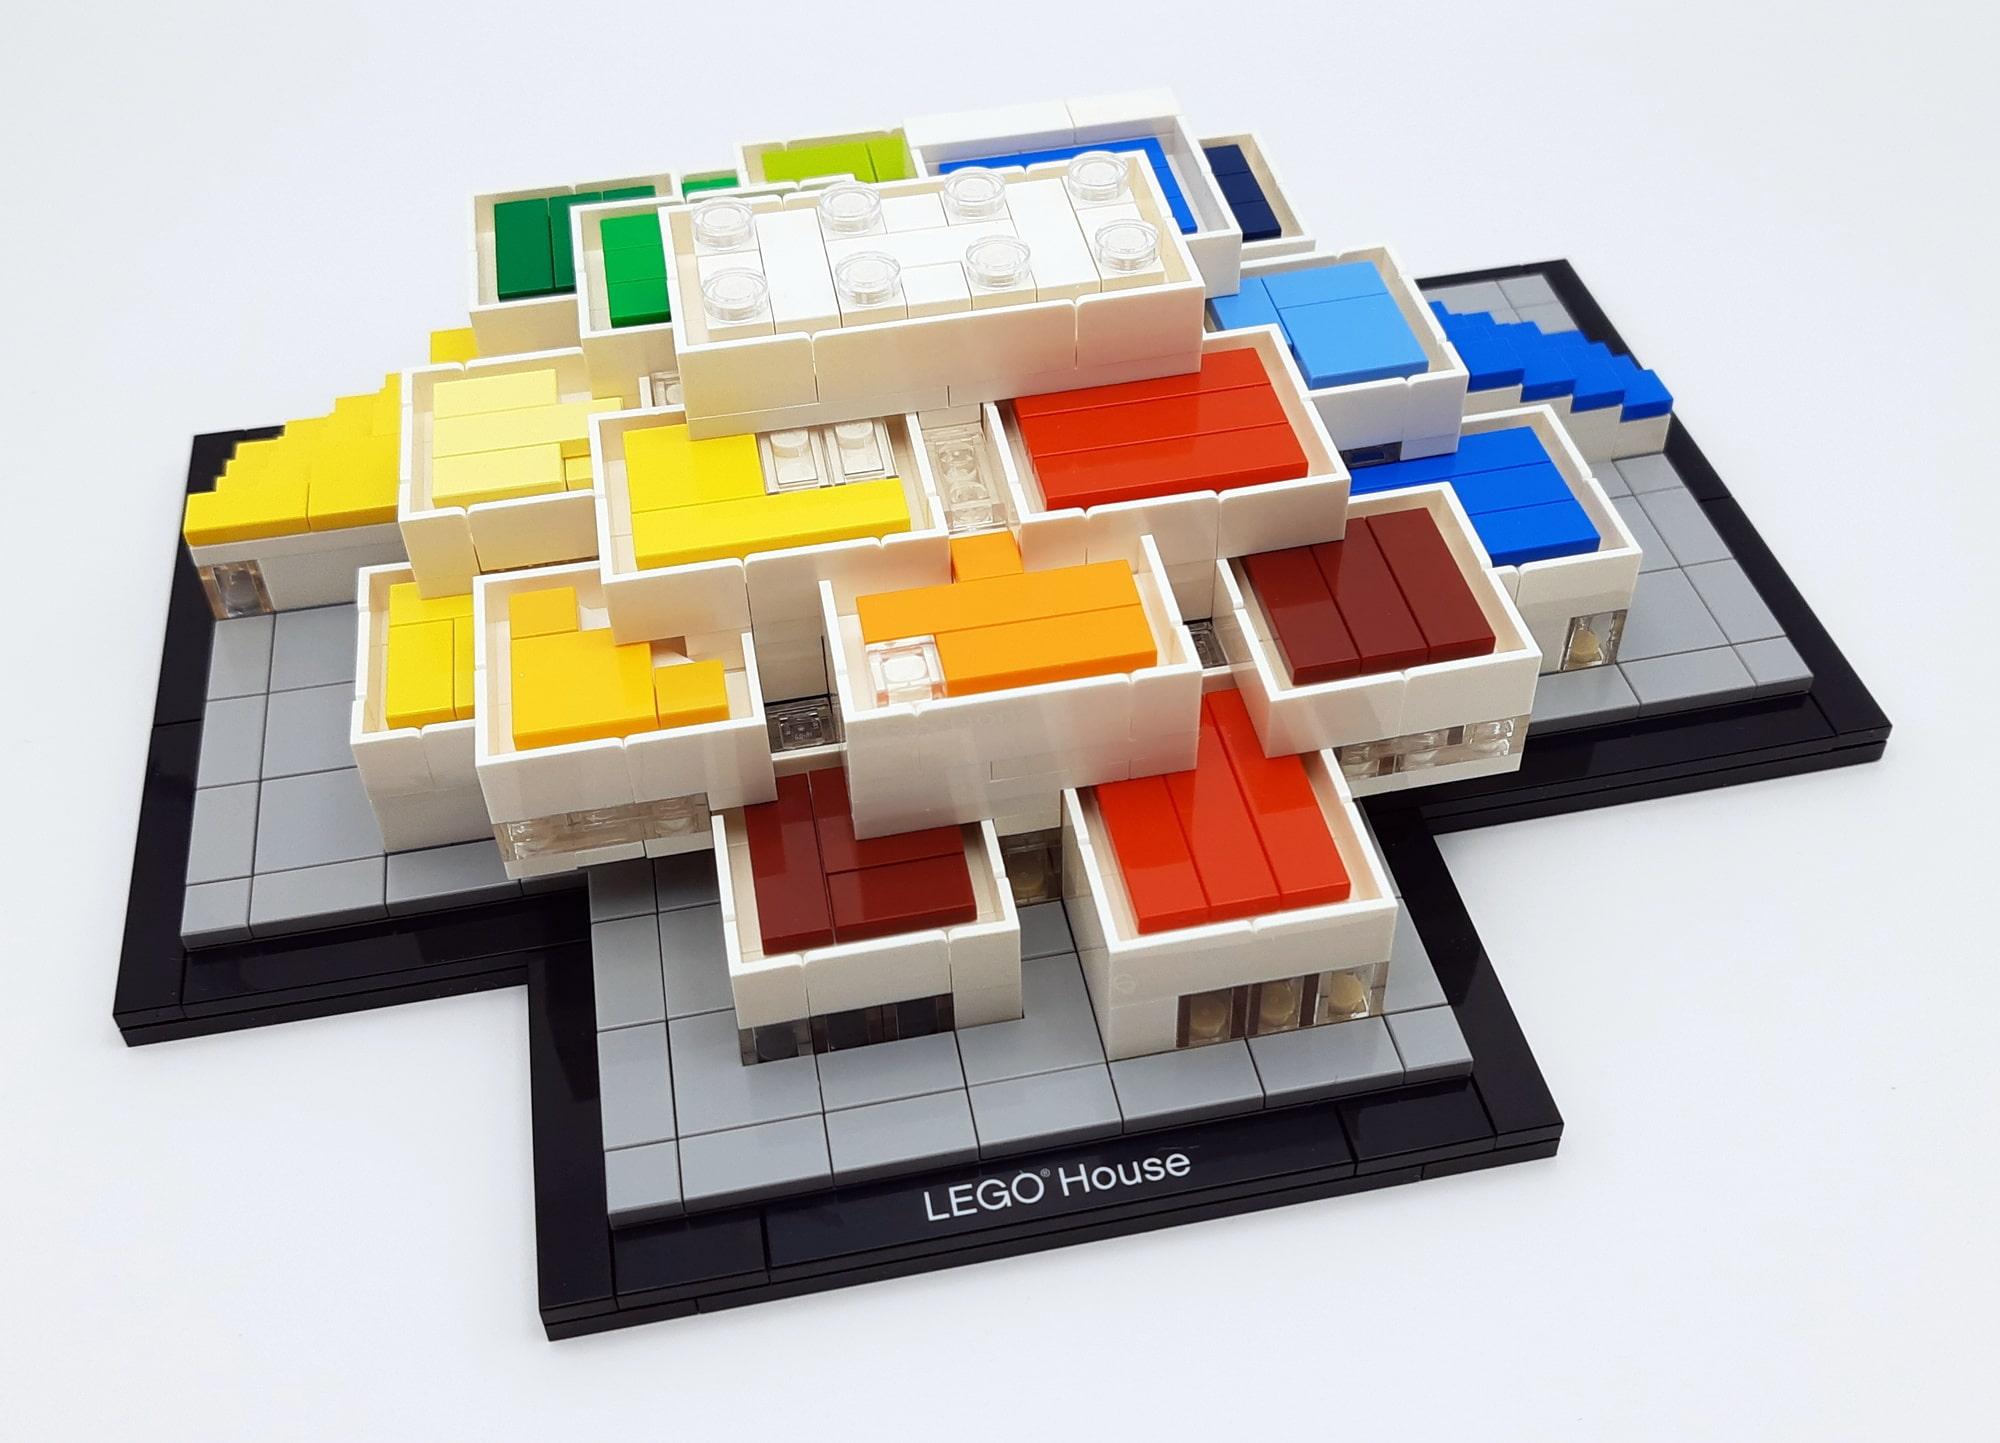 LEGO 21037 - LEGO House 1